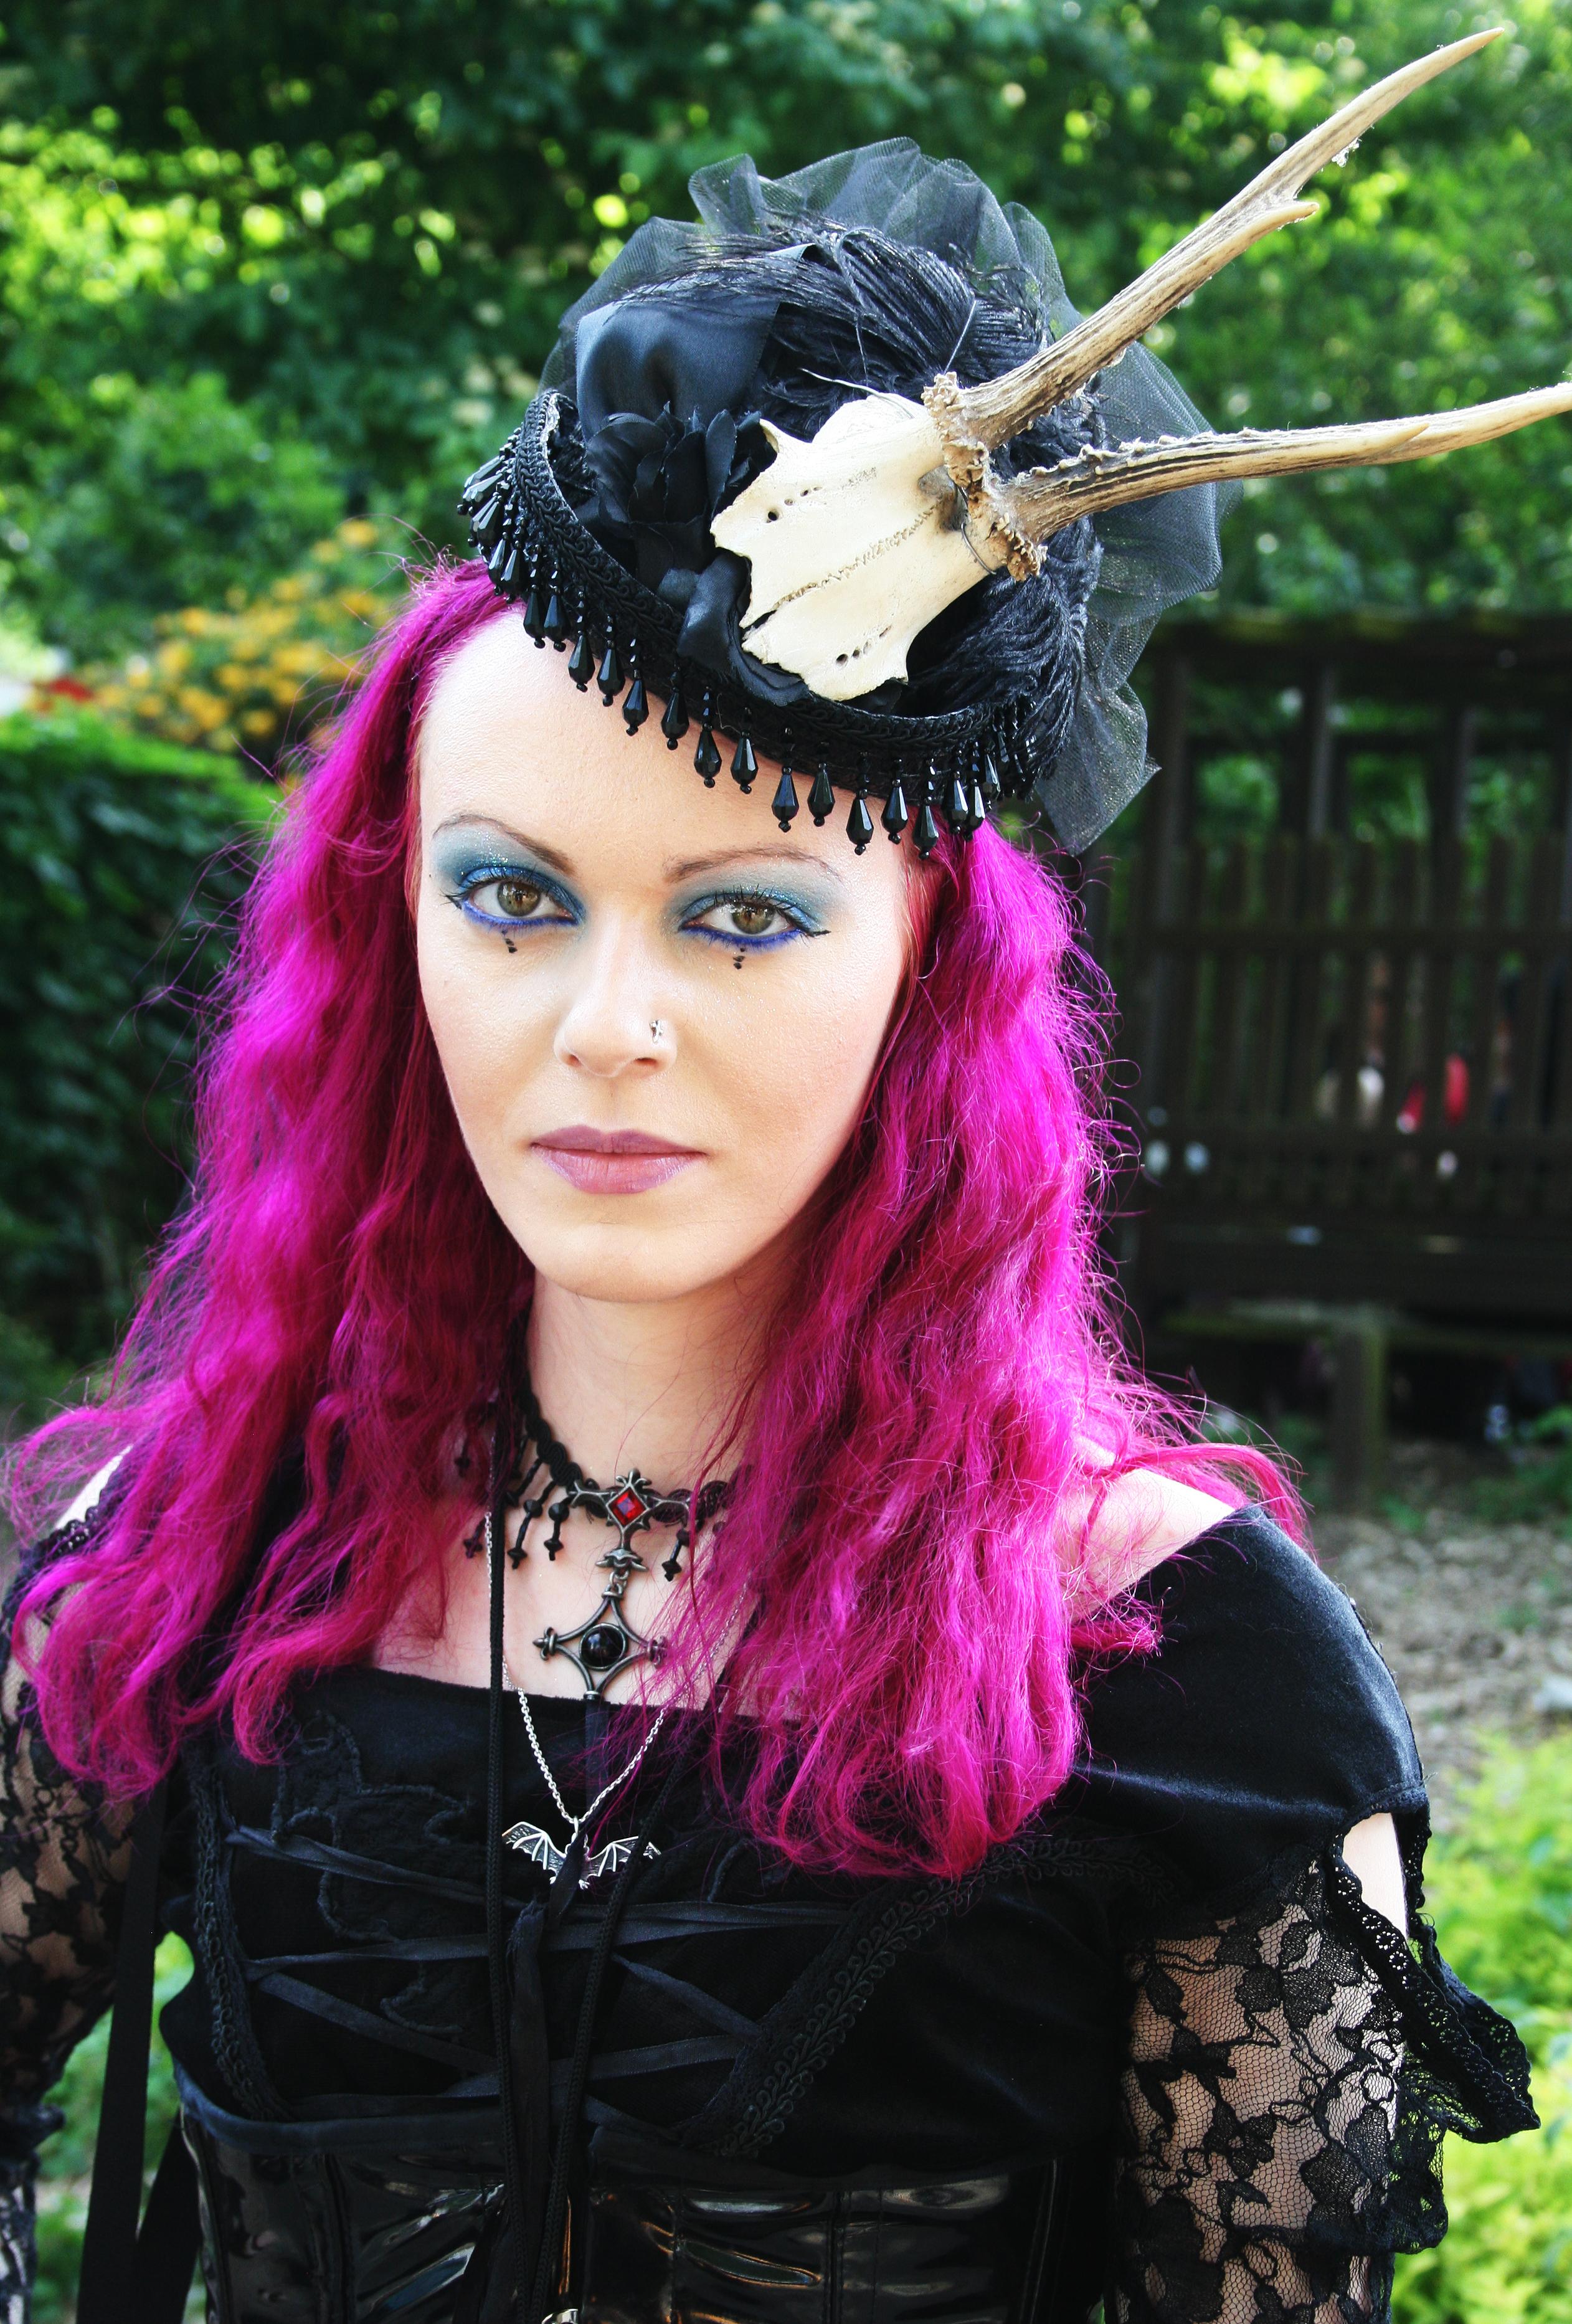 Wave-Gotik-Treffen - Photos - Pink Hair